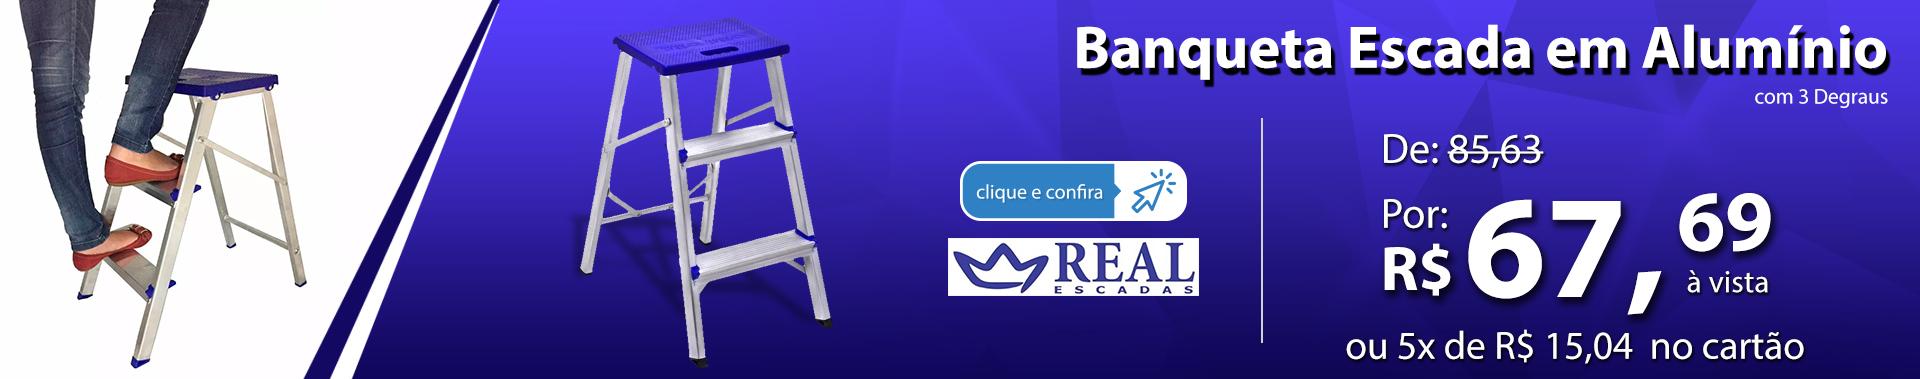 Banqueta Escada em Alumínio com 3 Degraus - Real Escadas